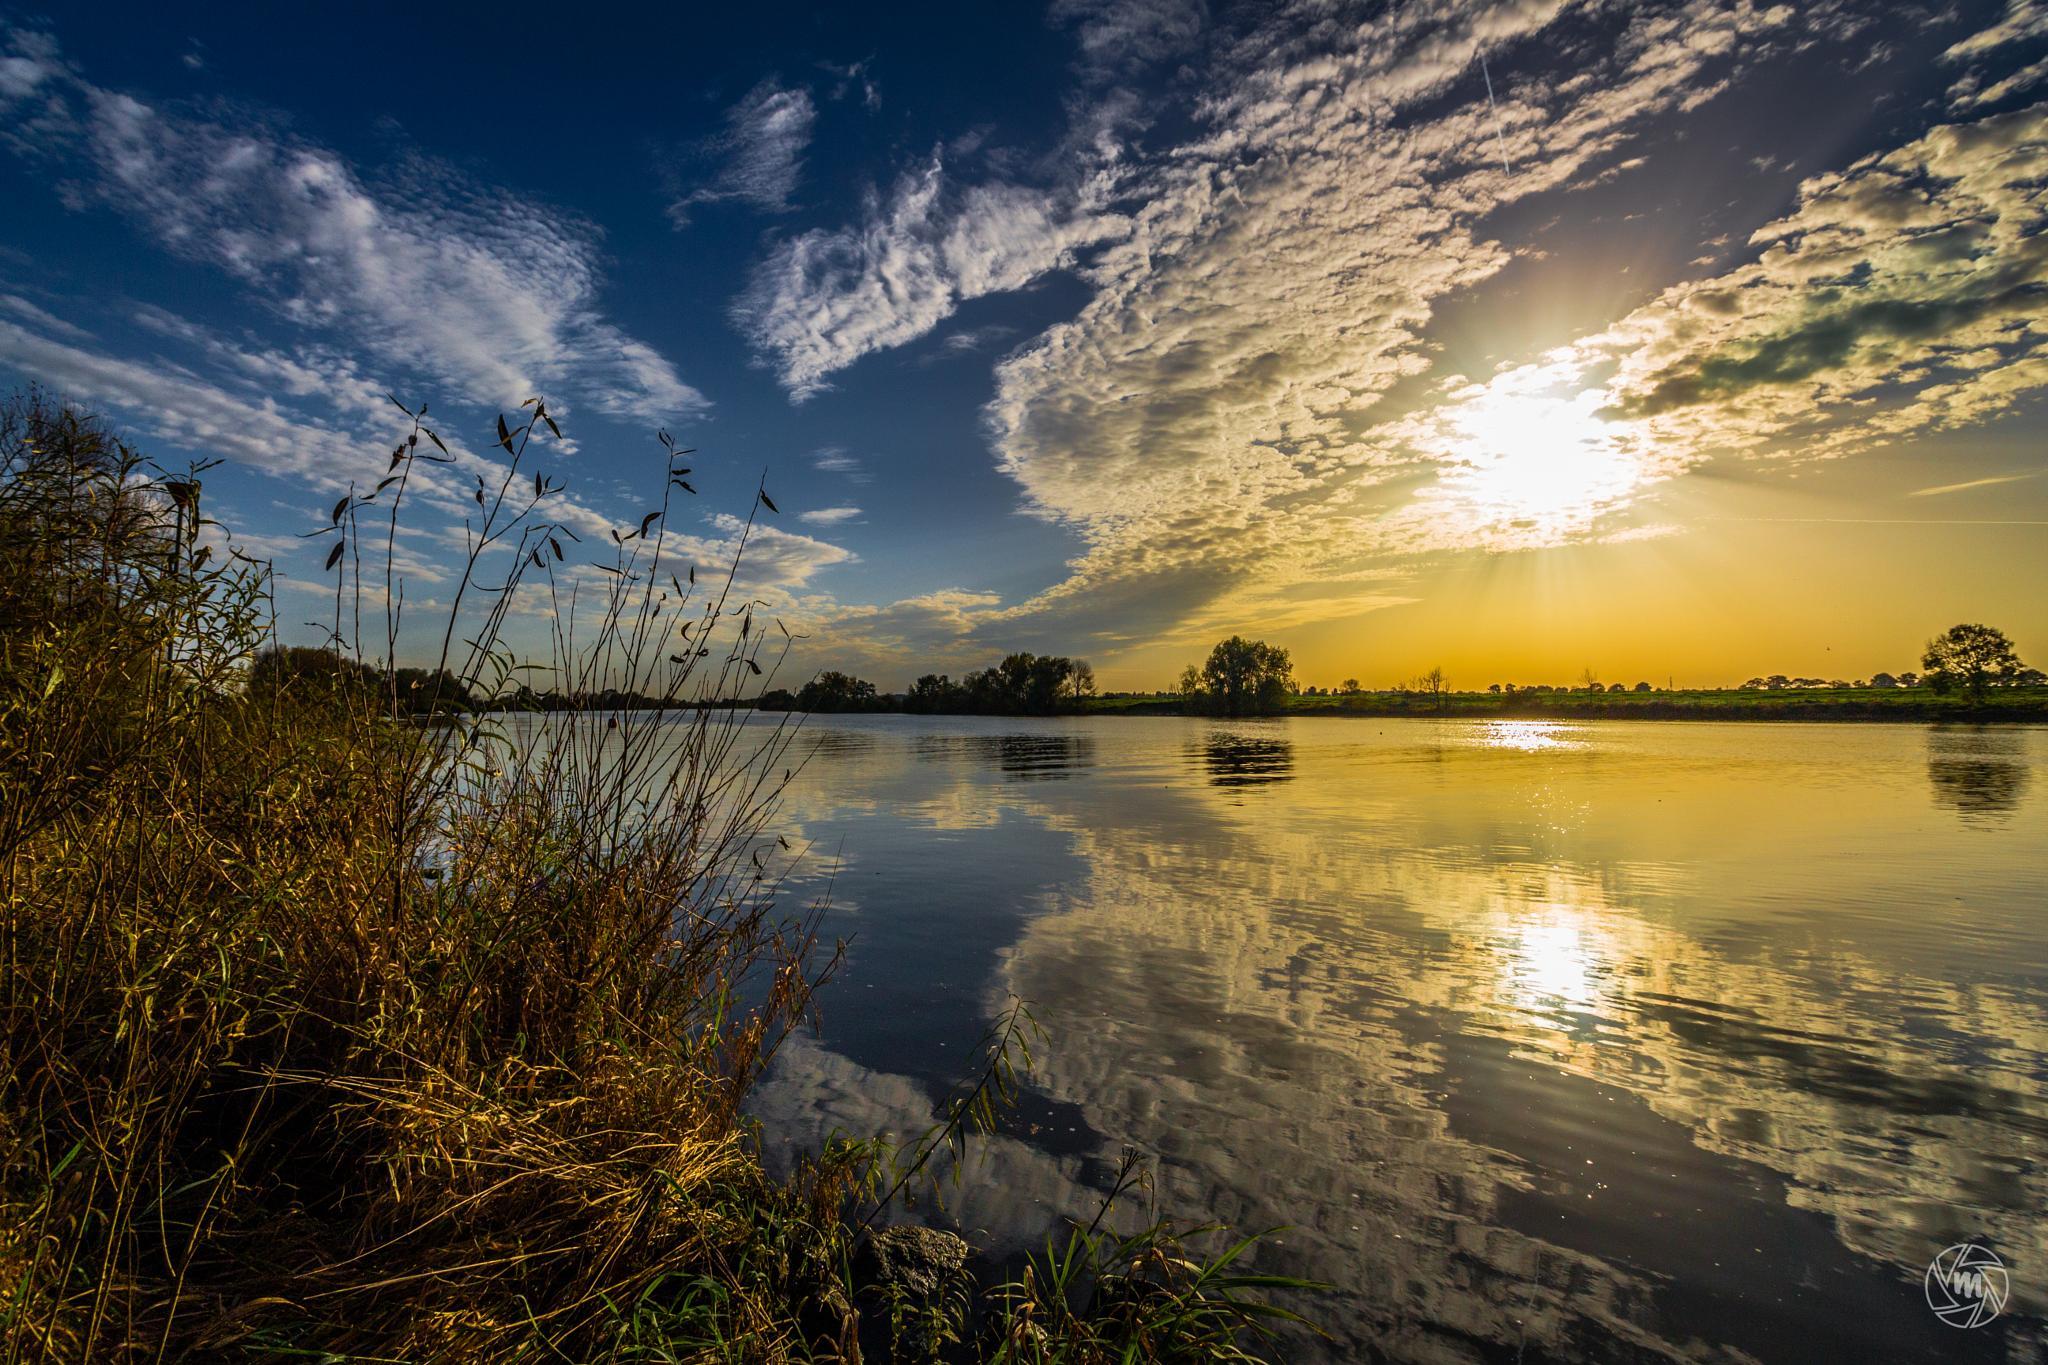 Golden River by William Mevissen